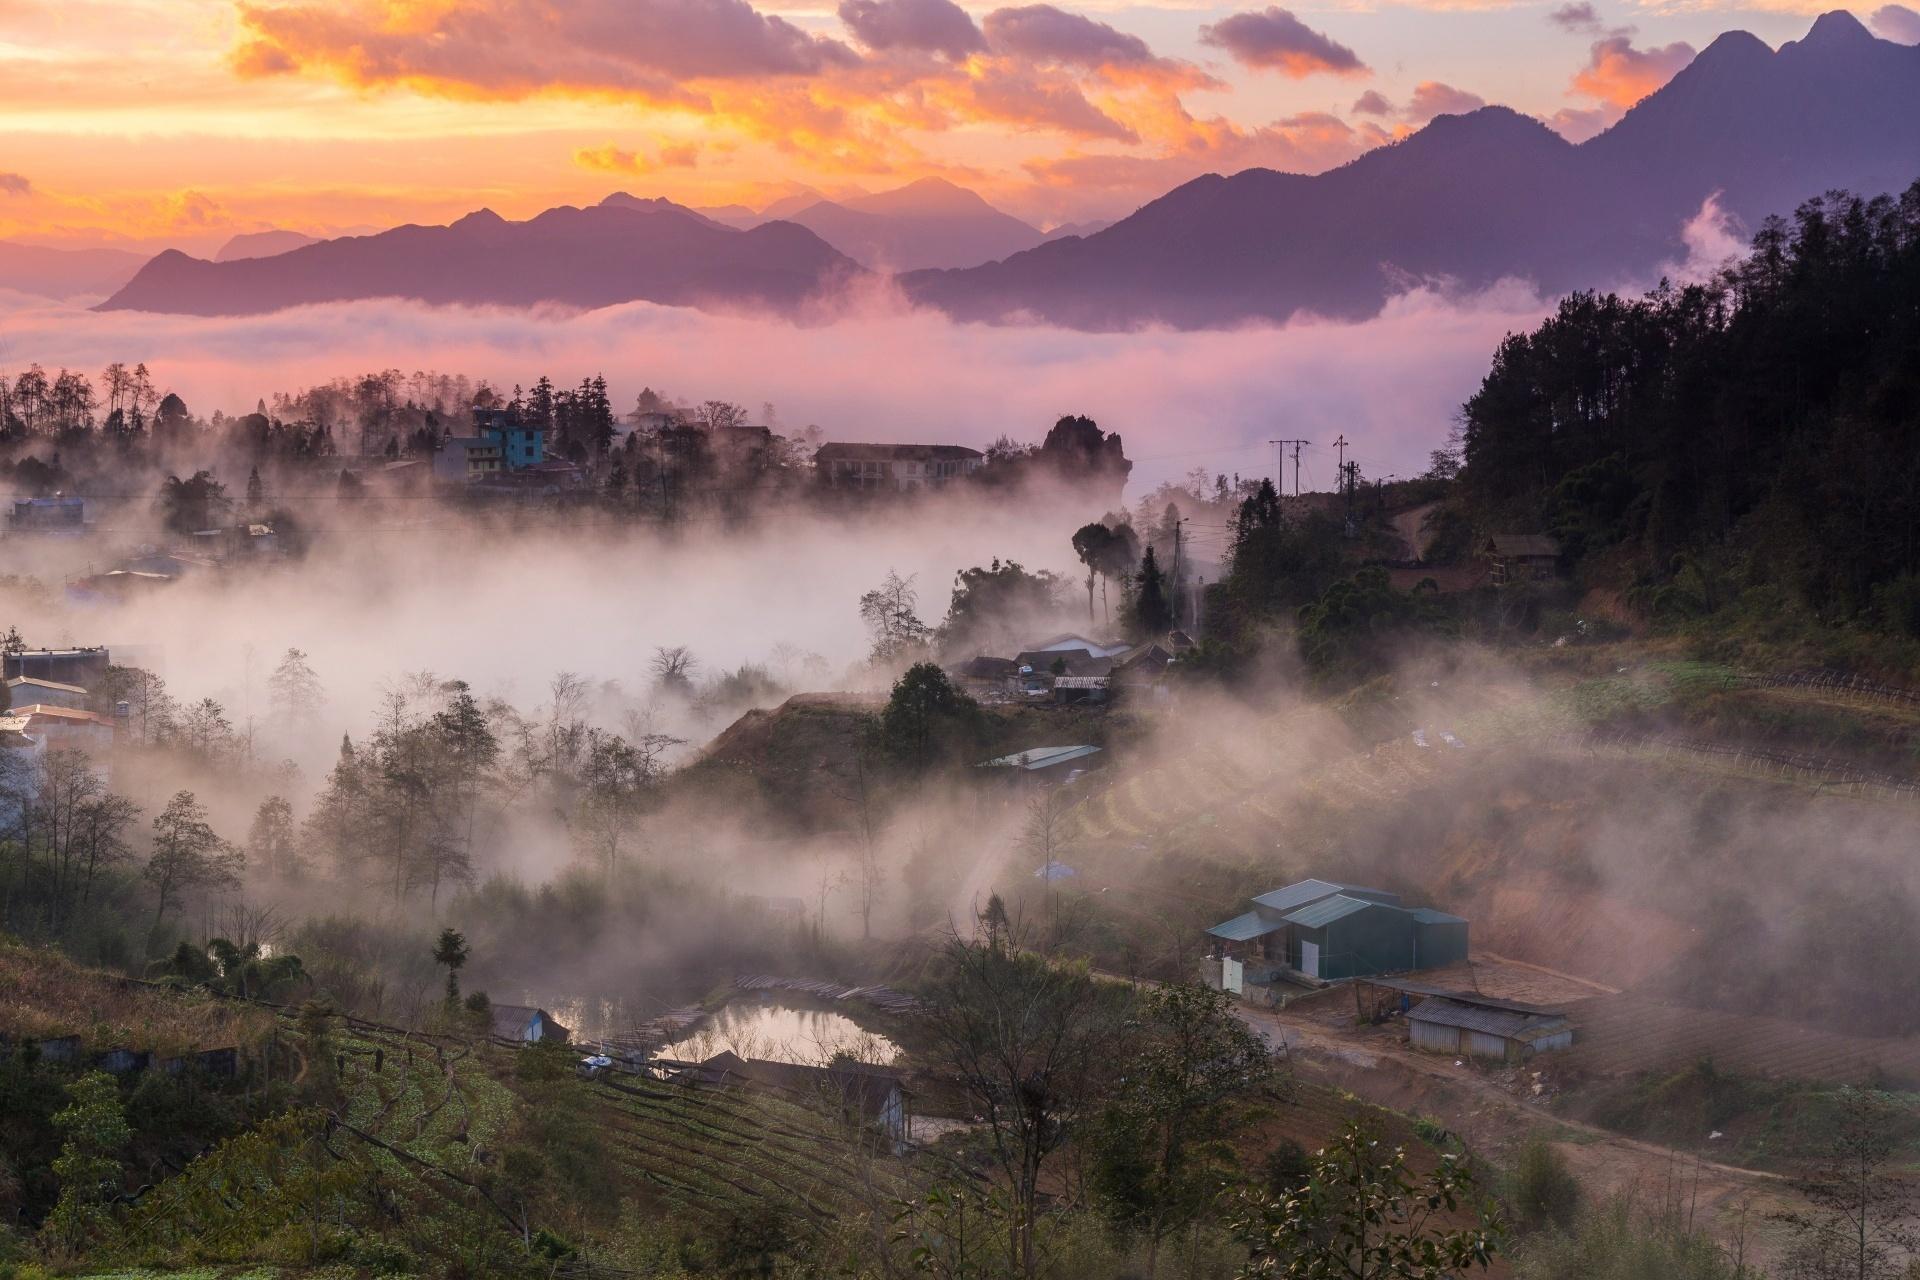 サパの朝の風景 ベトナムの風景